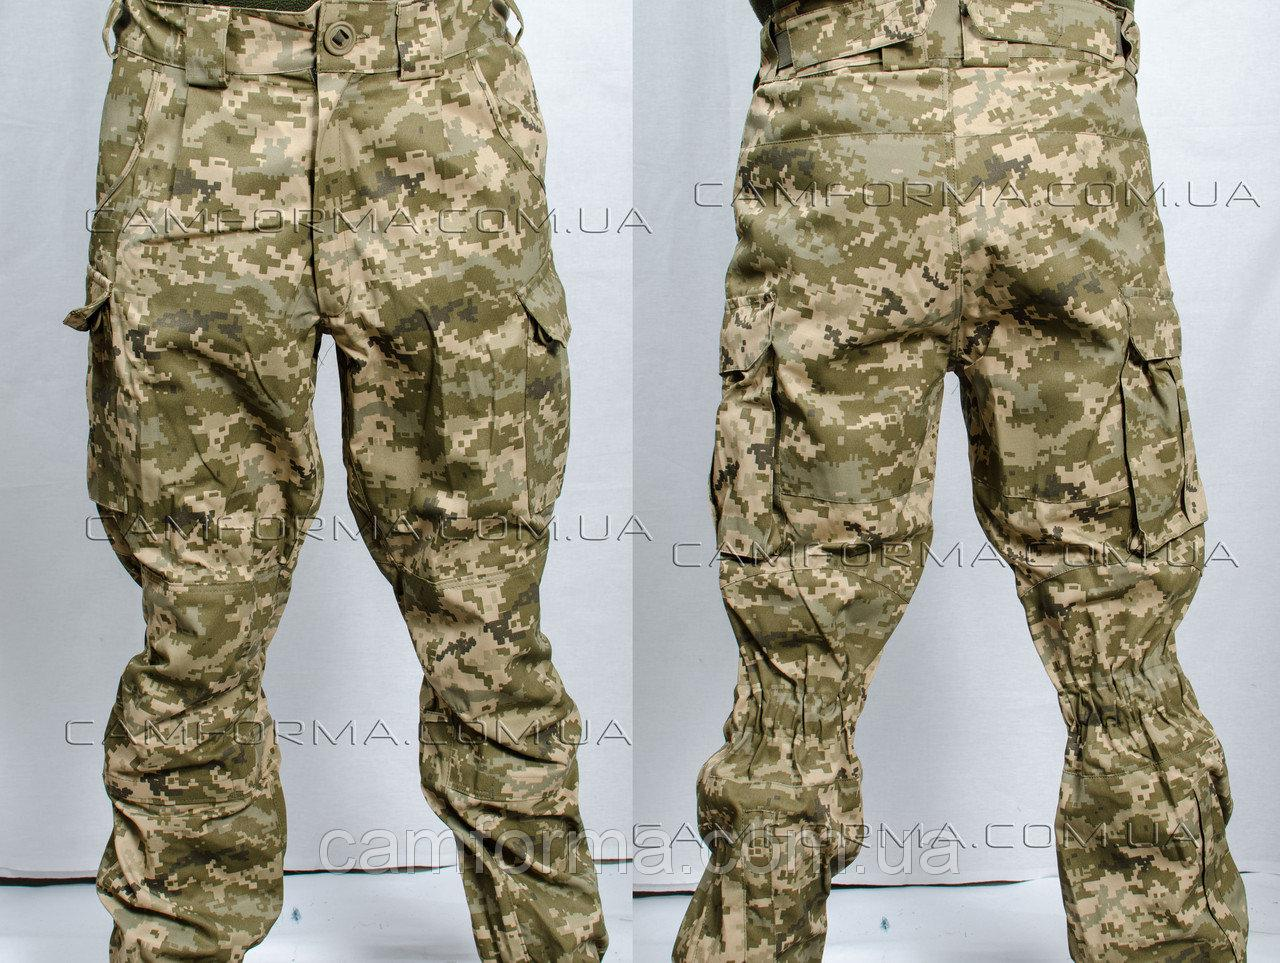 Тактические штаны пиксель ЗСУ